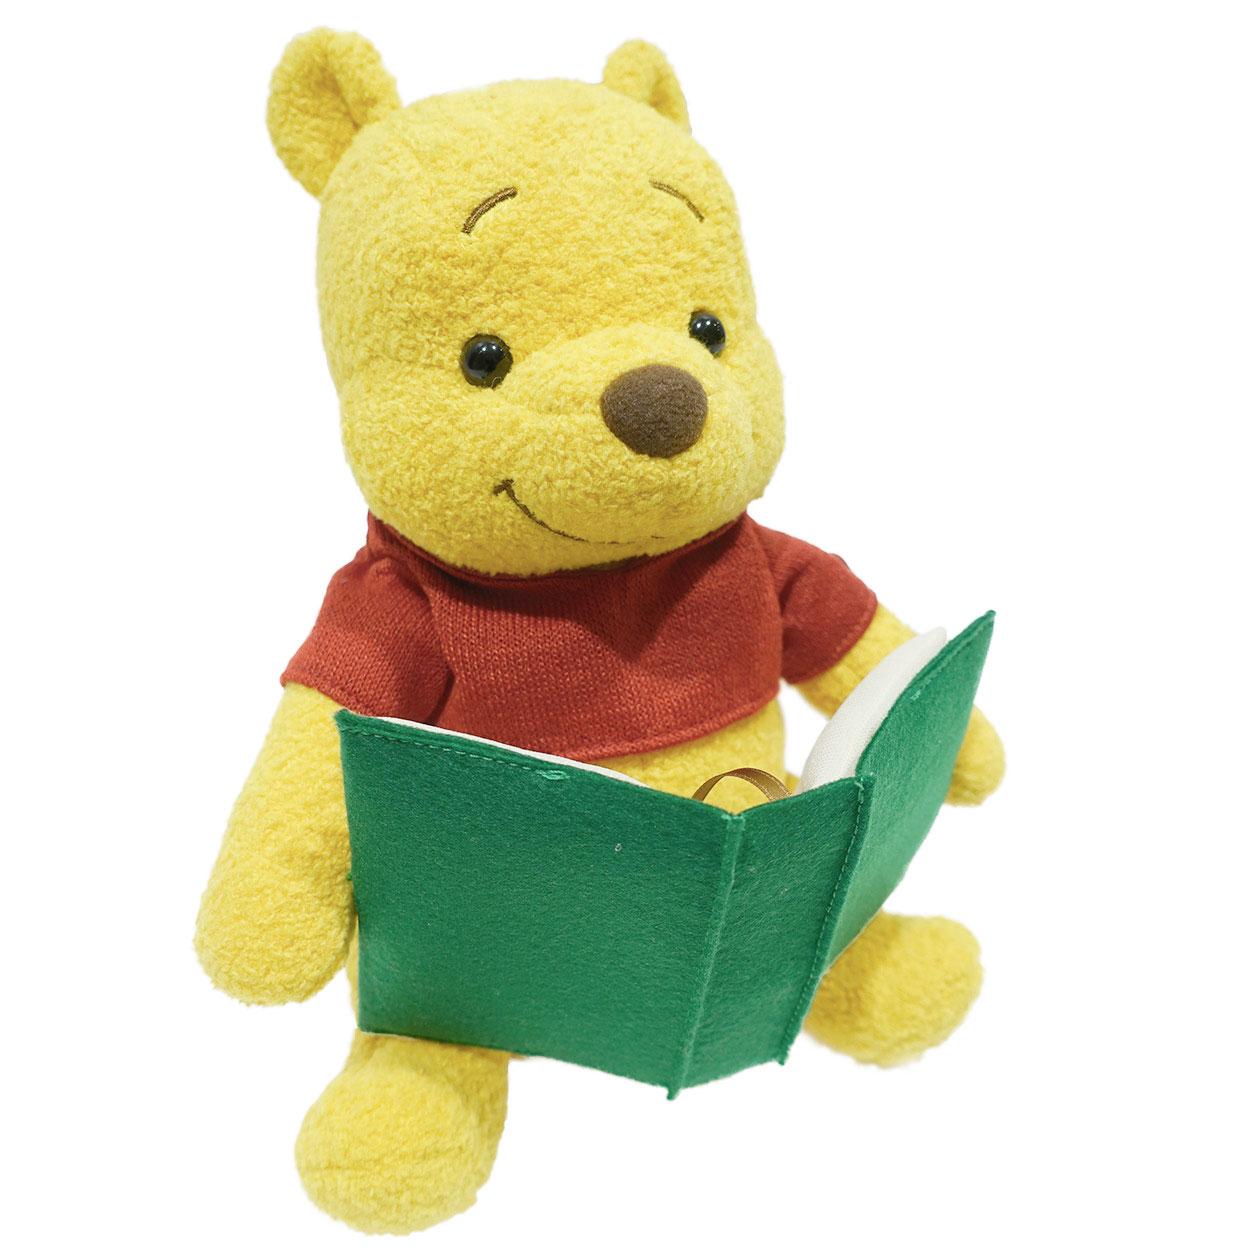 緑色の本を両手で持ったくまのプーさんぬいぐるみ